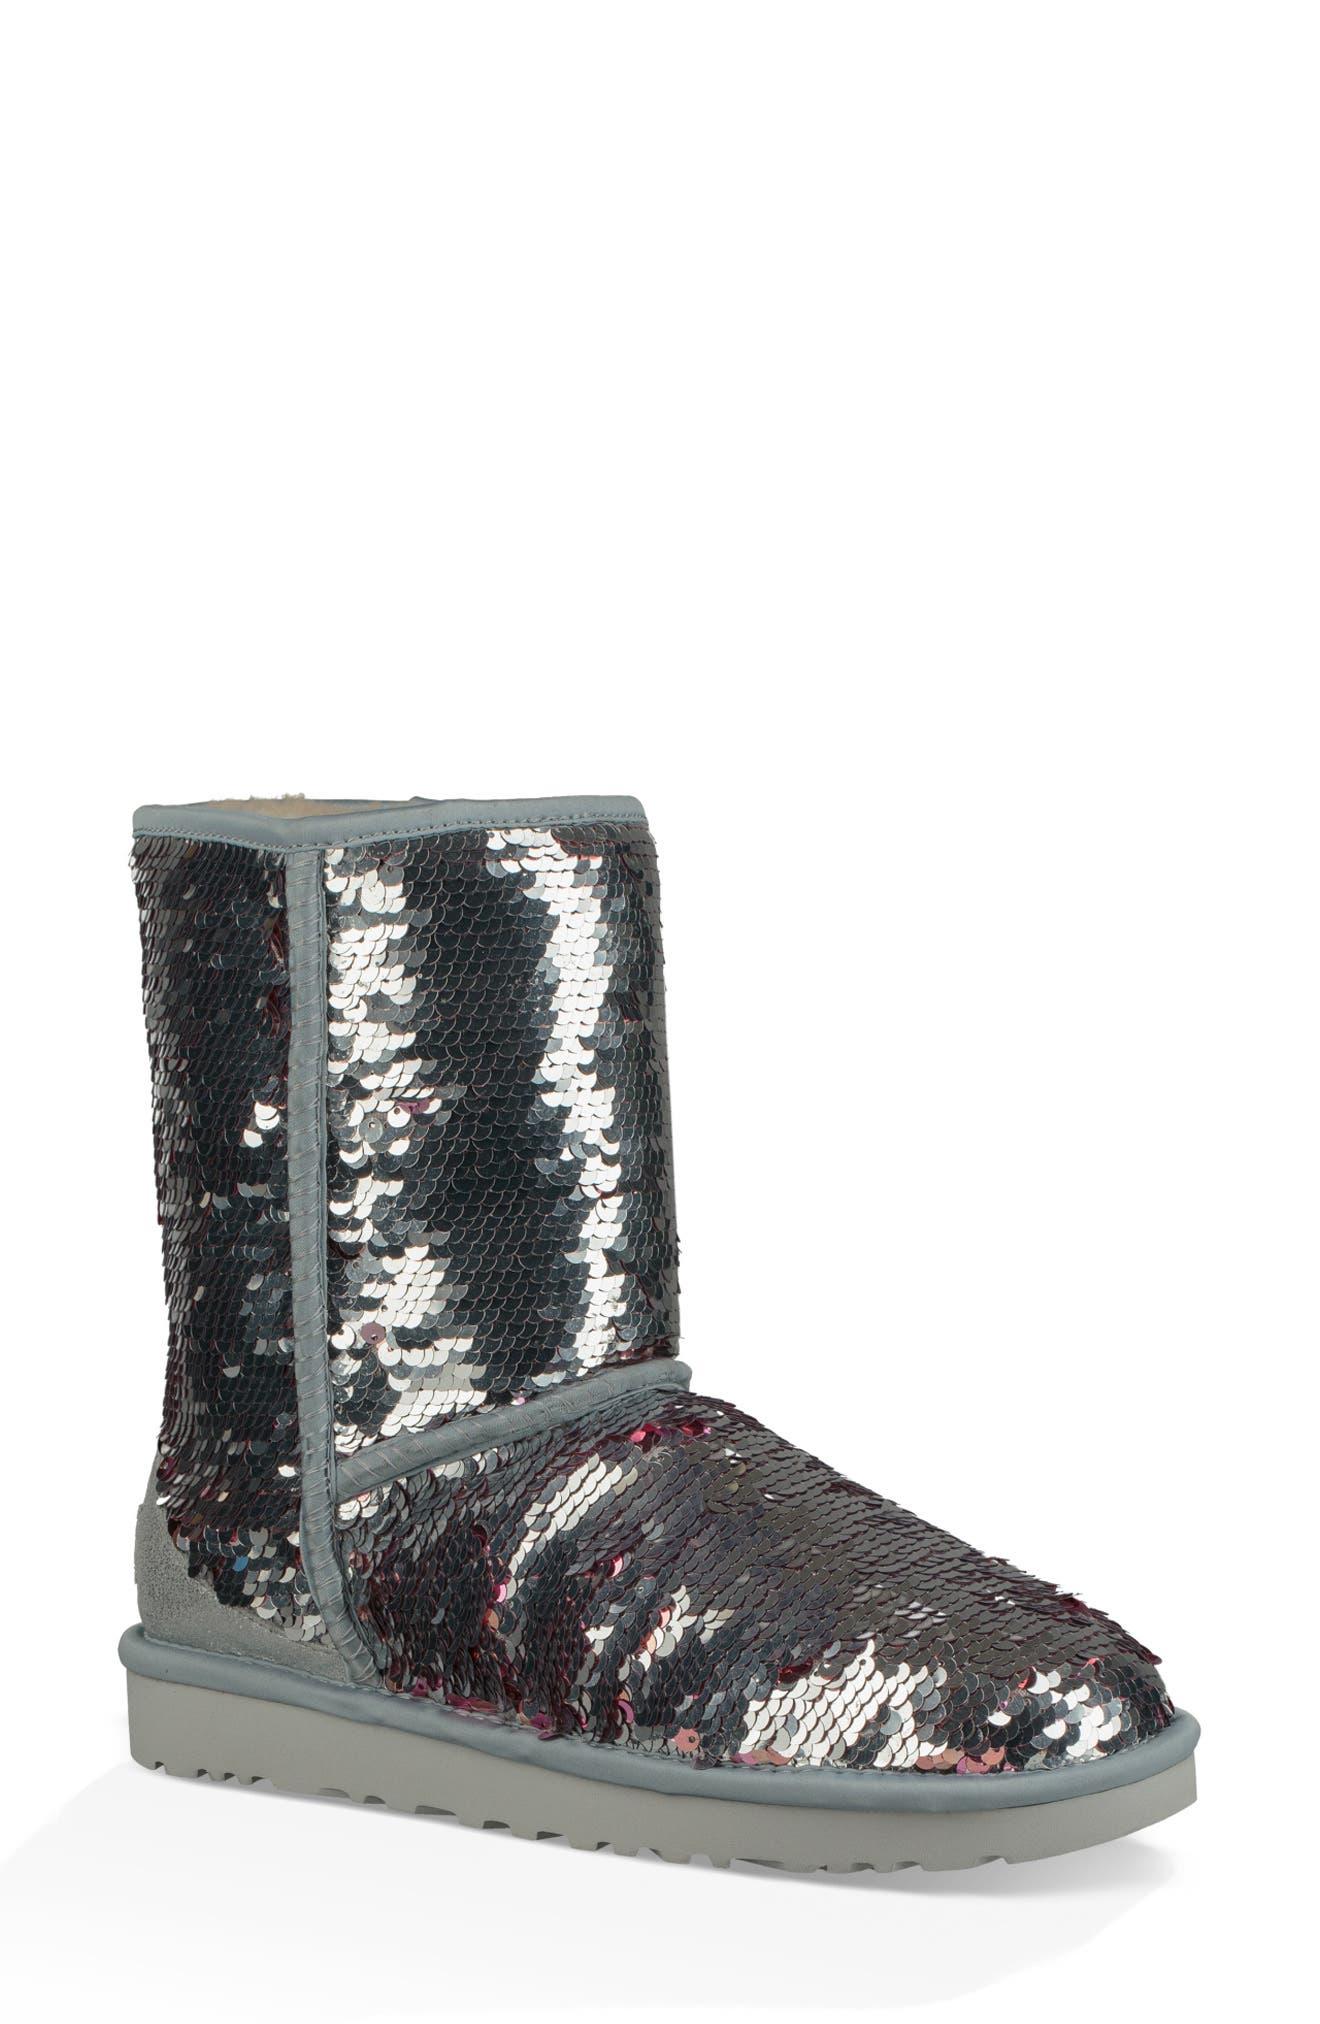 Ugg Classic Short Sequin Boot, Metallic